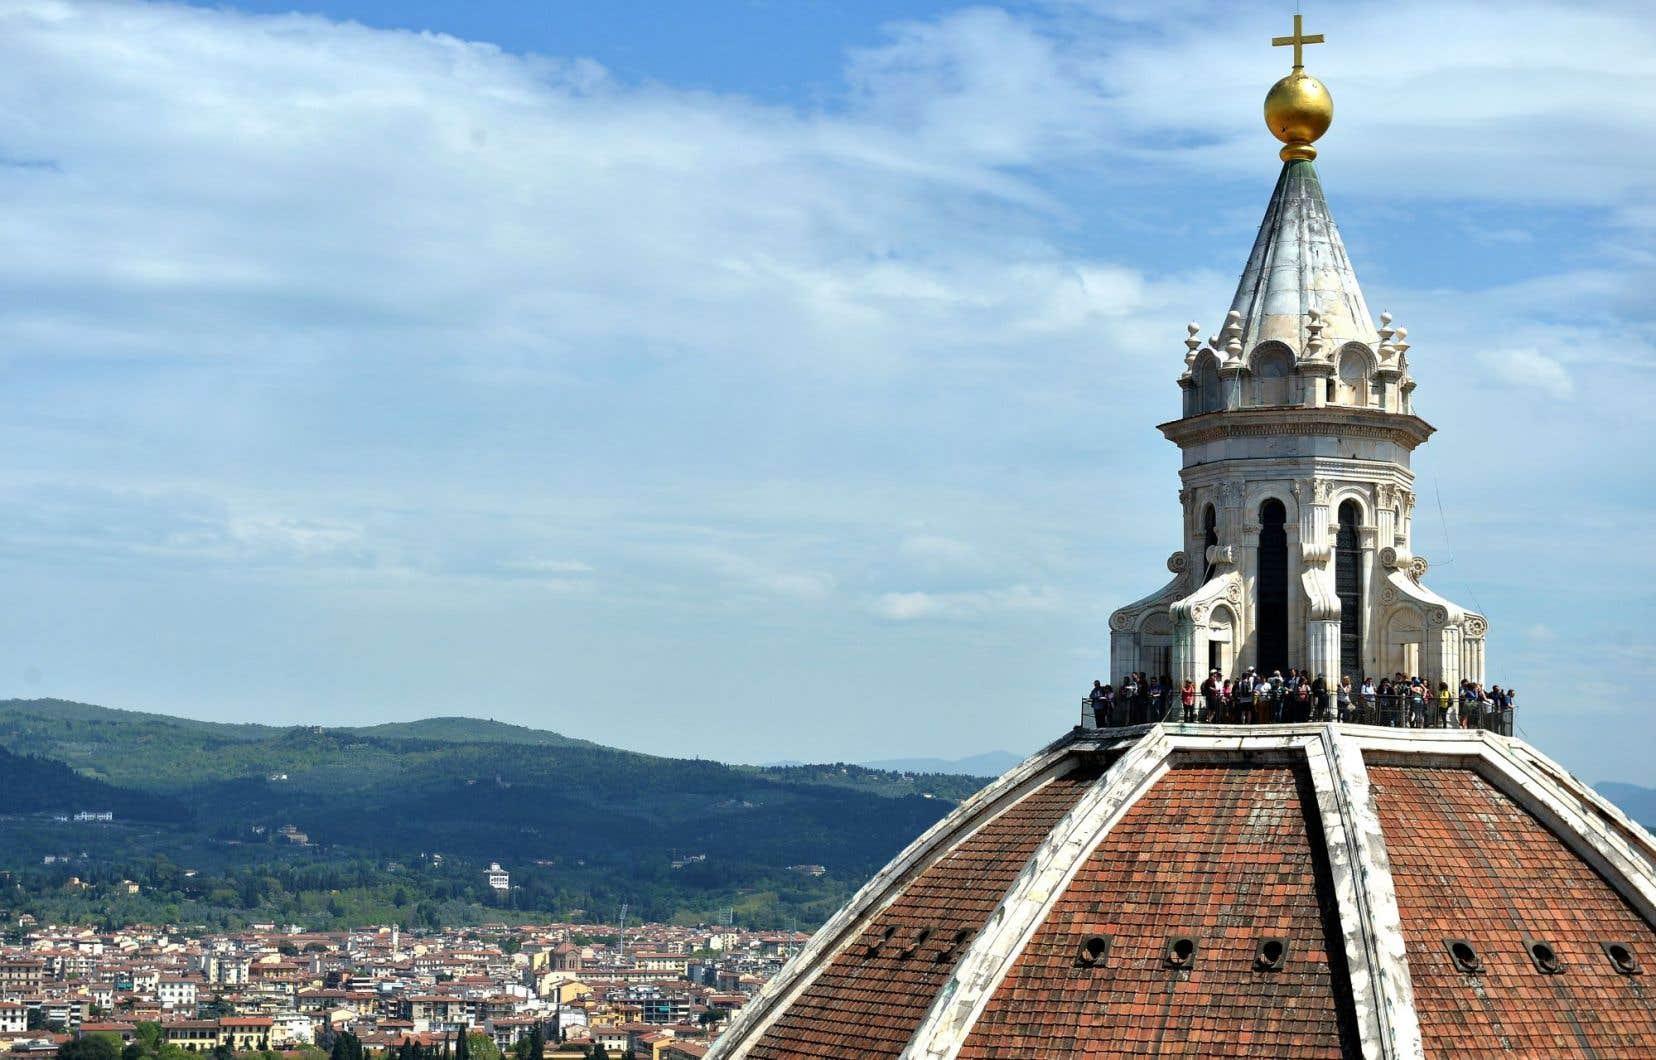 Le dôme de la cathédrale Santa Maria del Fiore à Florence, en Italie.